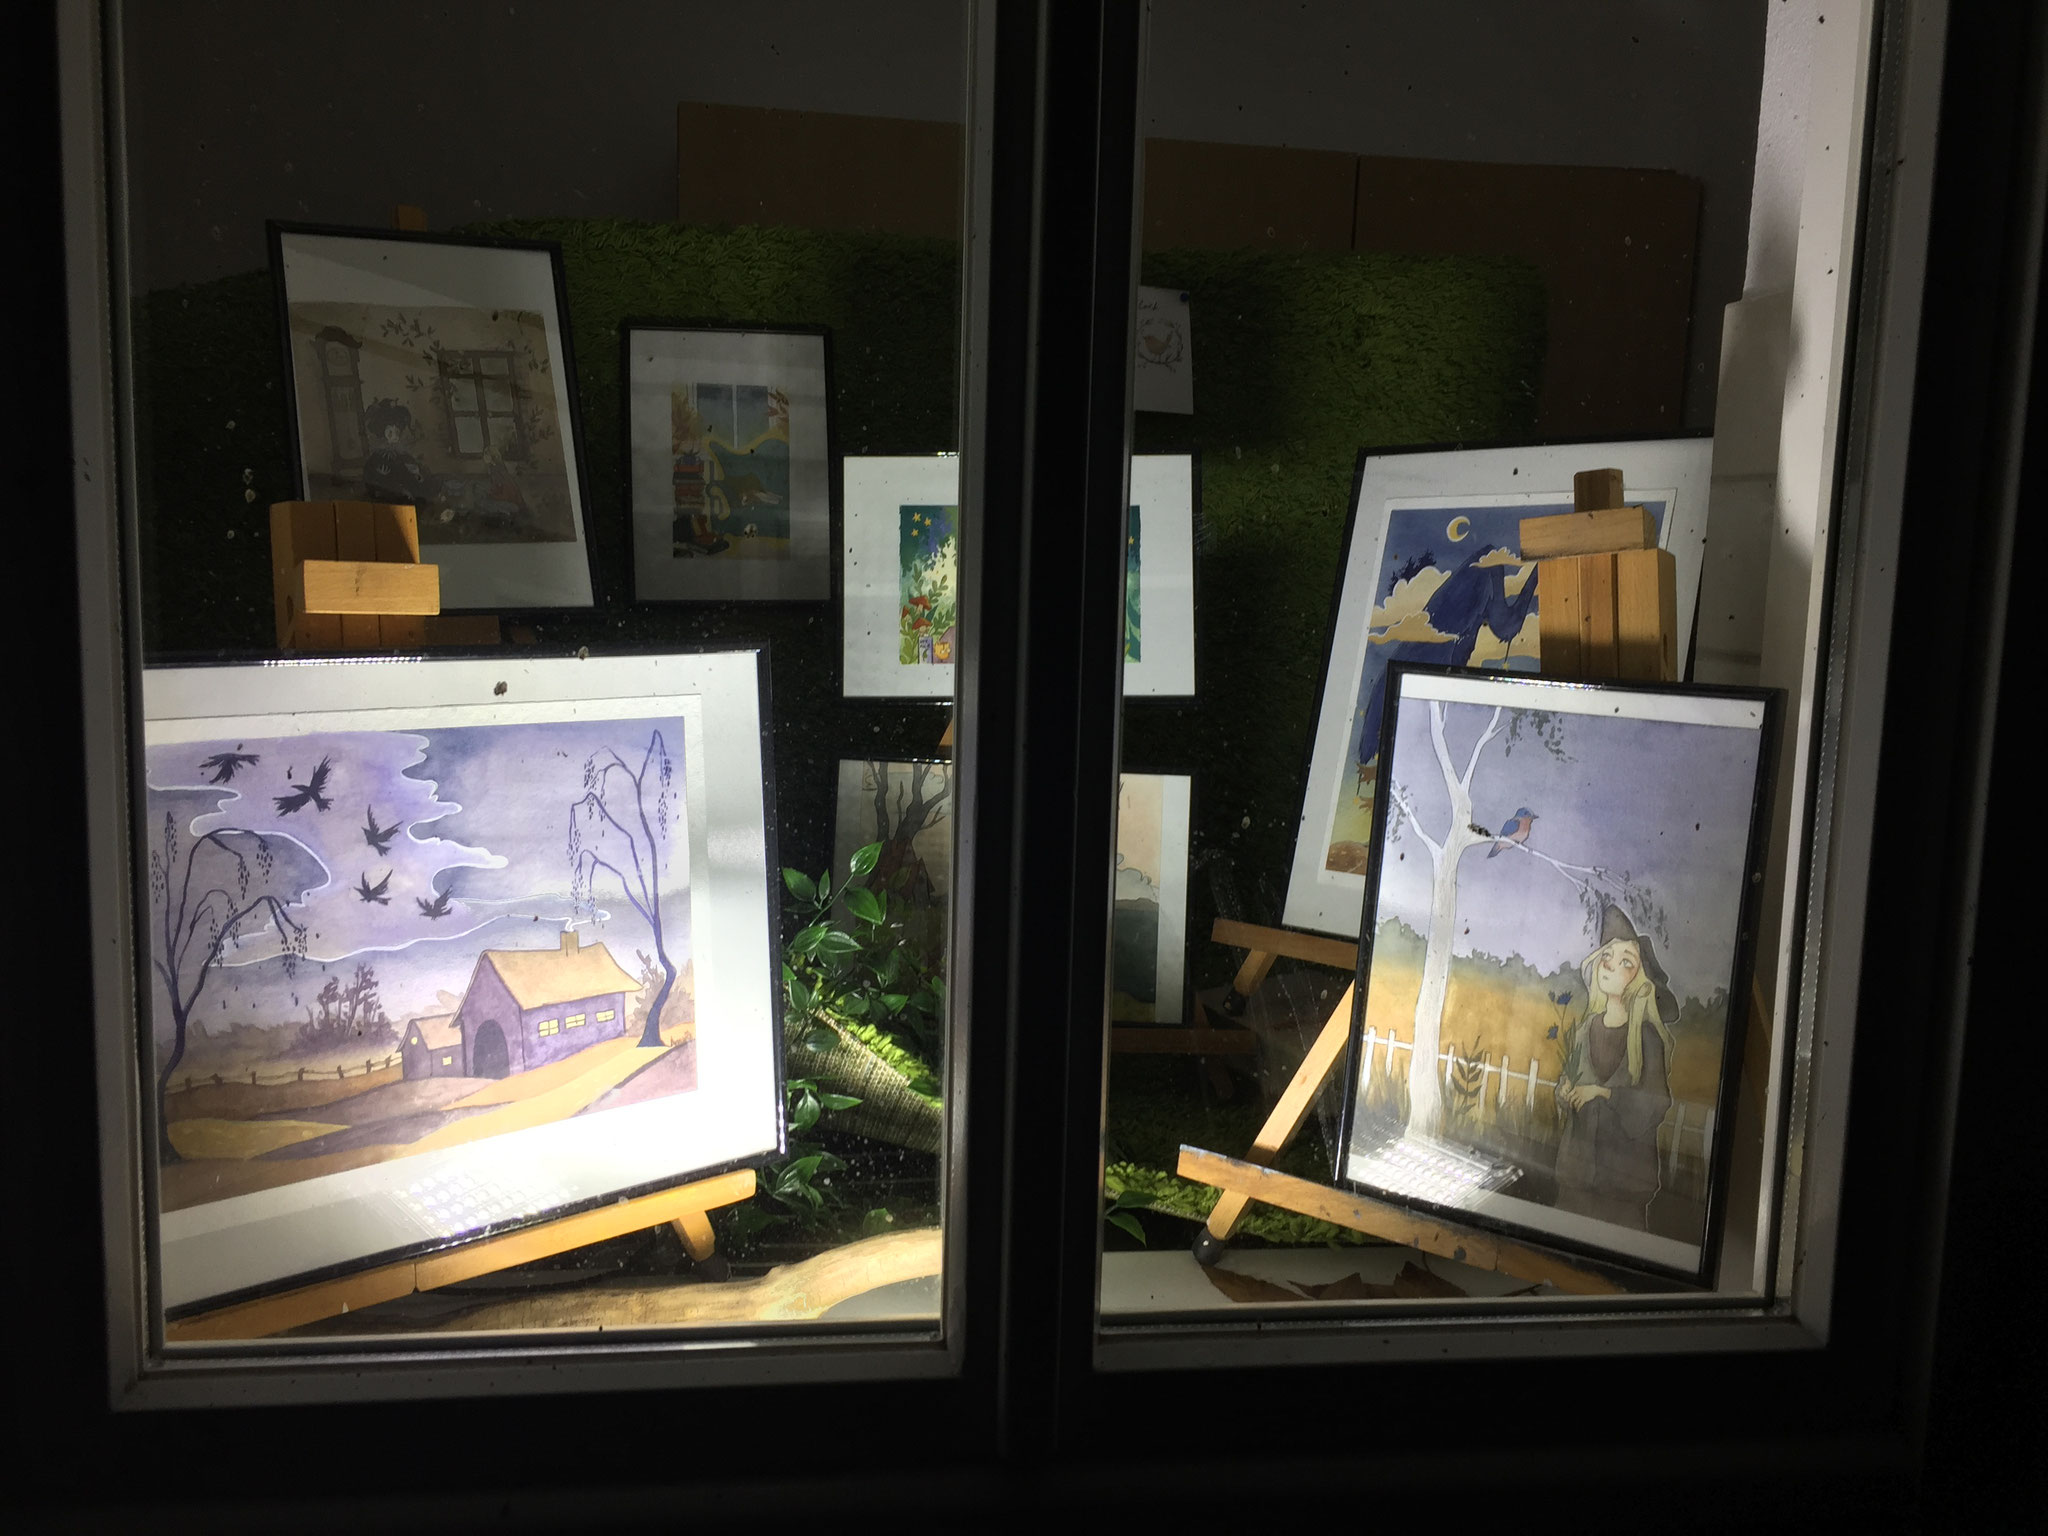 Blick in ein künstlerisches Dorfhausfenster mit verschiedenen gemalten und gerahmten Bildern